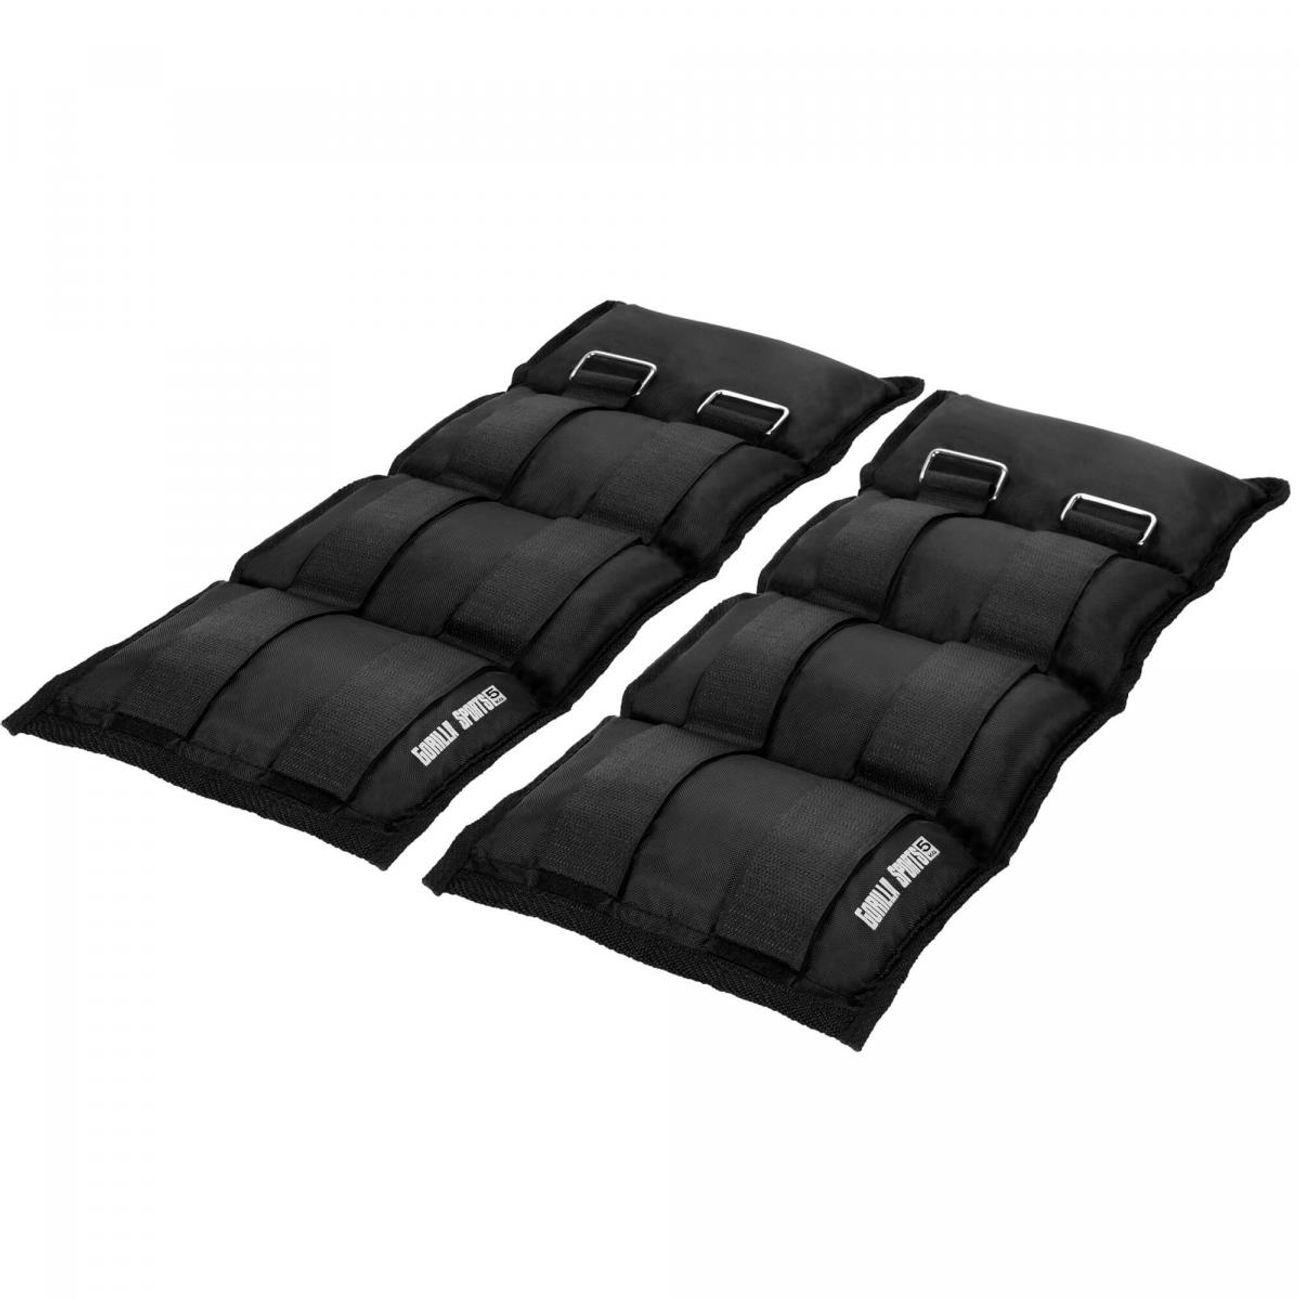 Musculation  GORILLA Gorilla Sports - Bandes lestées pour poignets ou chevilles de 2x0.5kg à 2x5kg